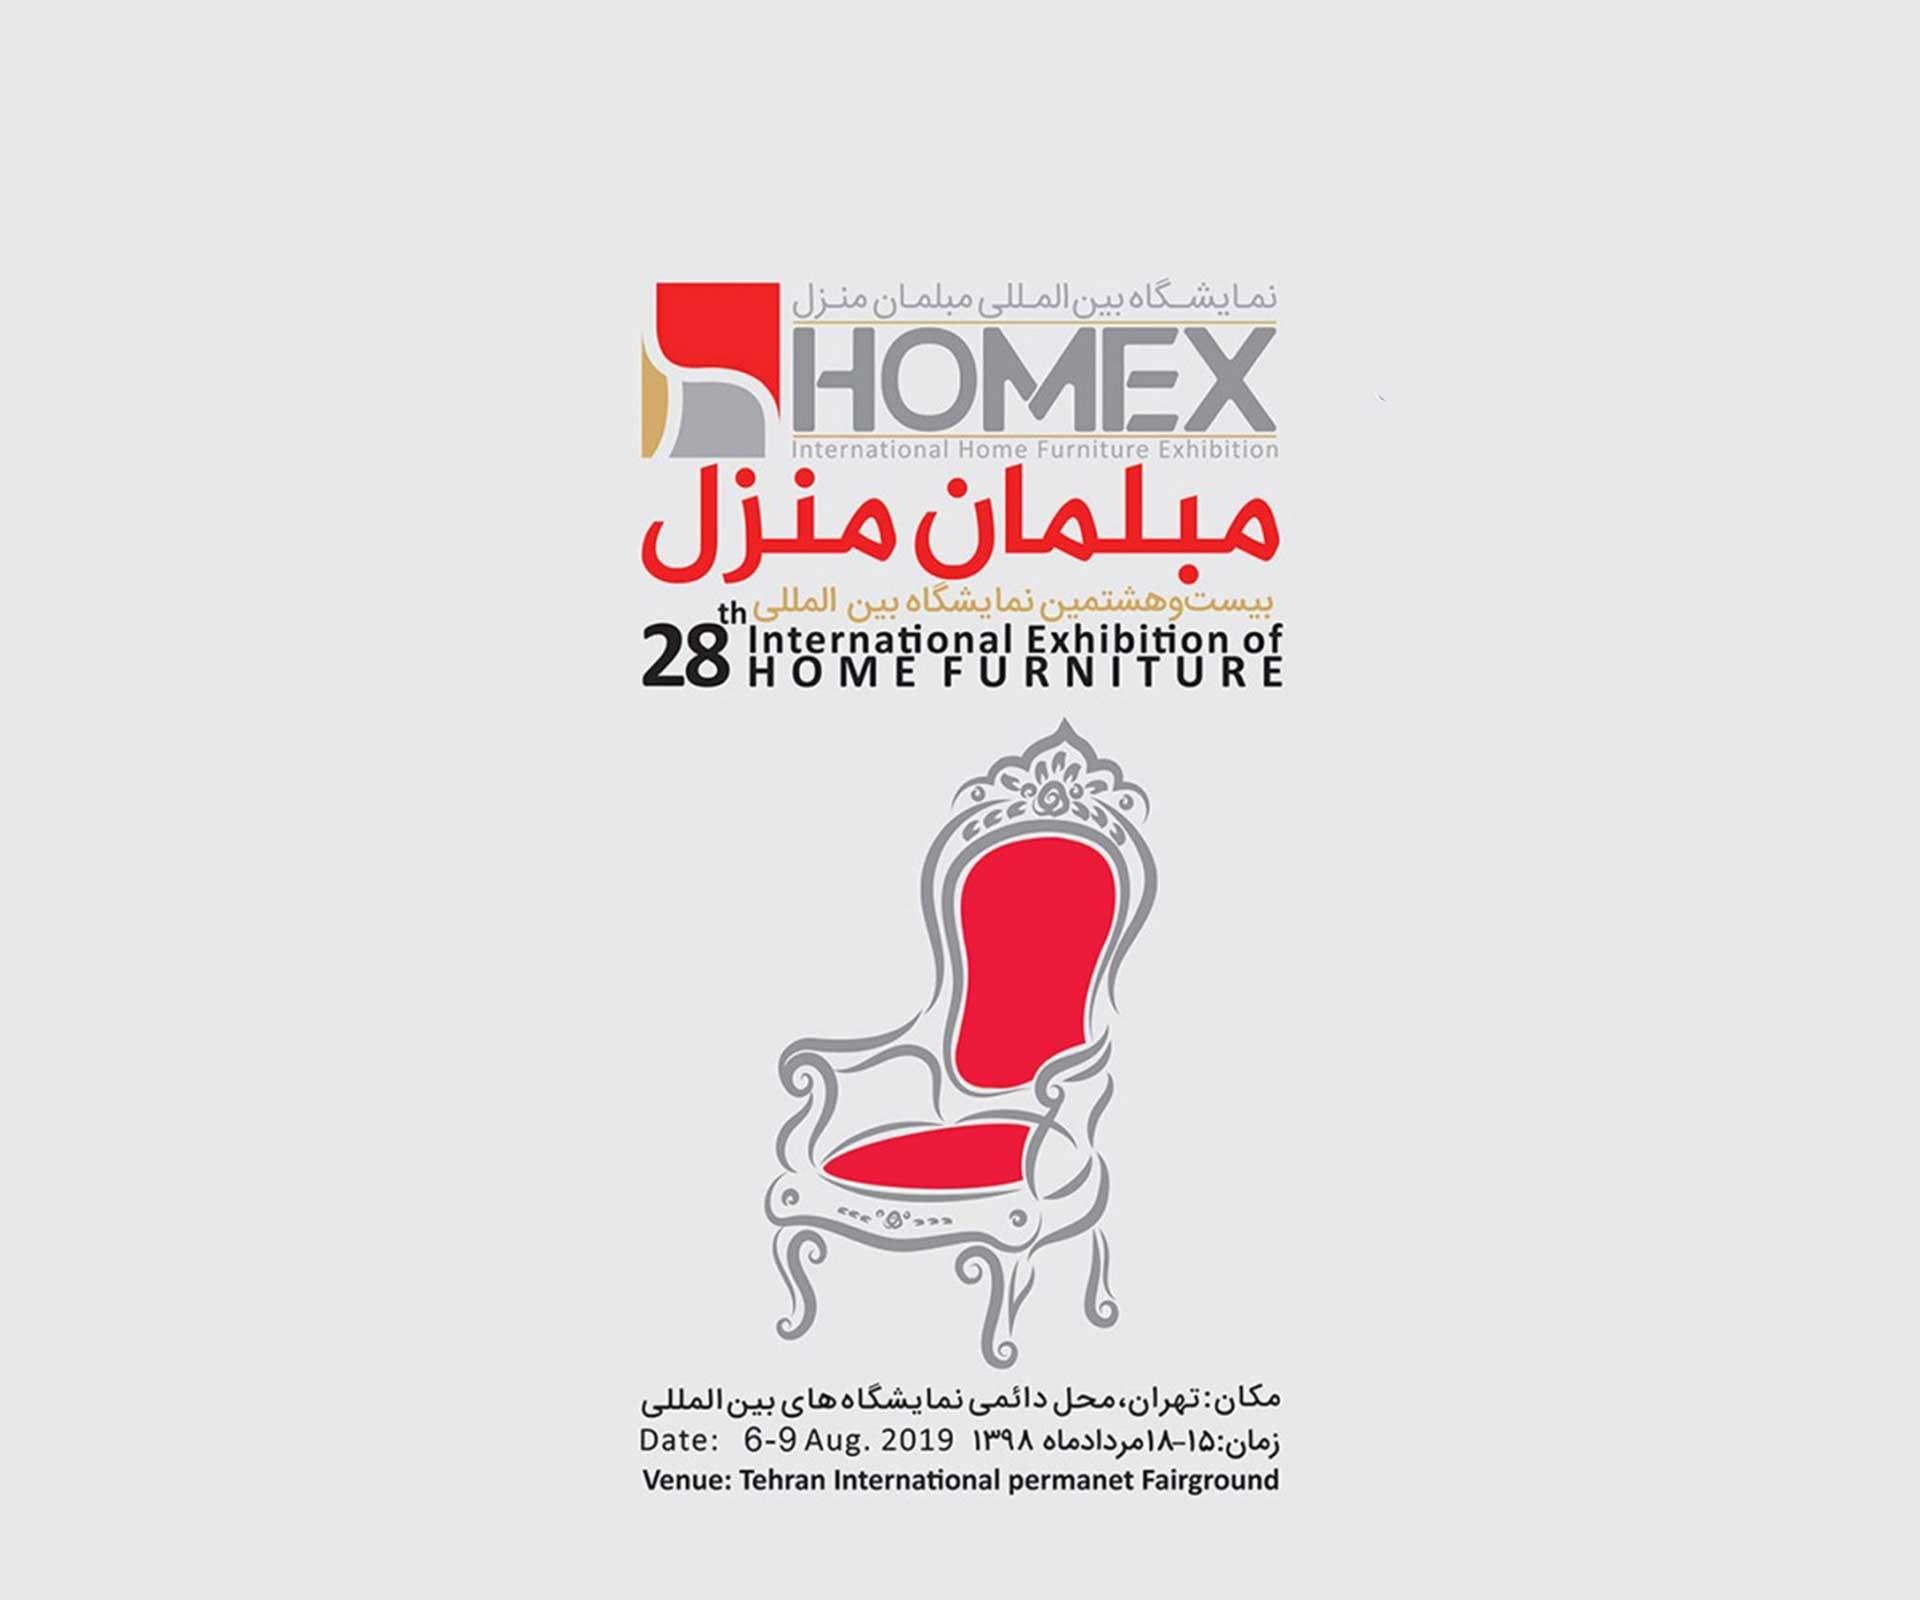 بیست و هشتمین نمایشگاه مبلمان منزل HOMEX